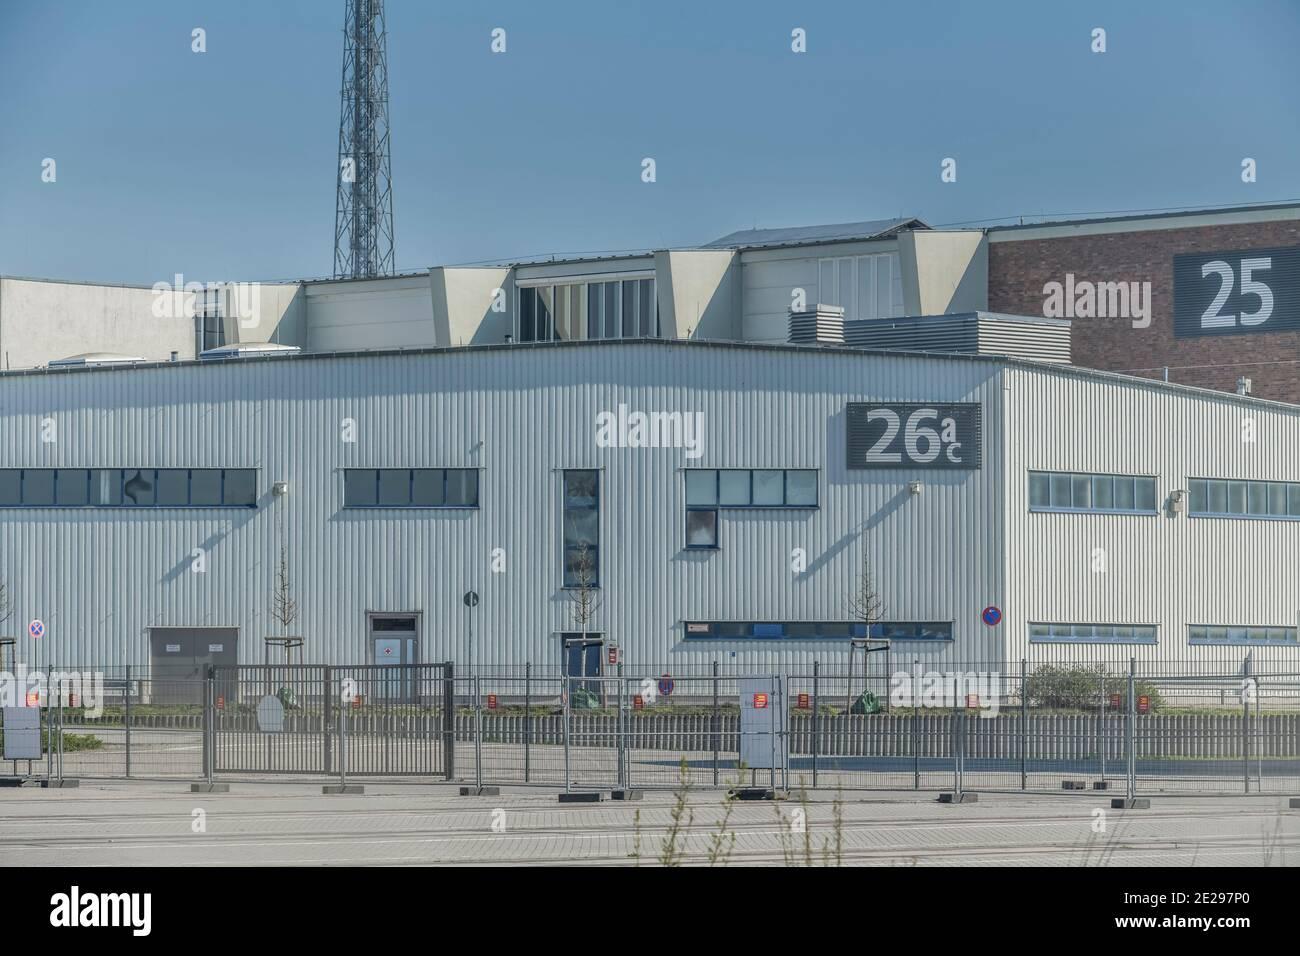 Berlin in Zeiten der Corona-Krise, 25.03.2020. Hier: Messehalle 26. Hier soll ein Krankenhaus für Corona-Kranke entstehen. Westend, Charlottenburg, Be Stock Photo